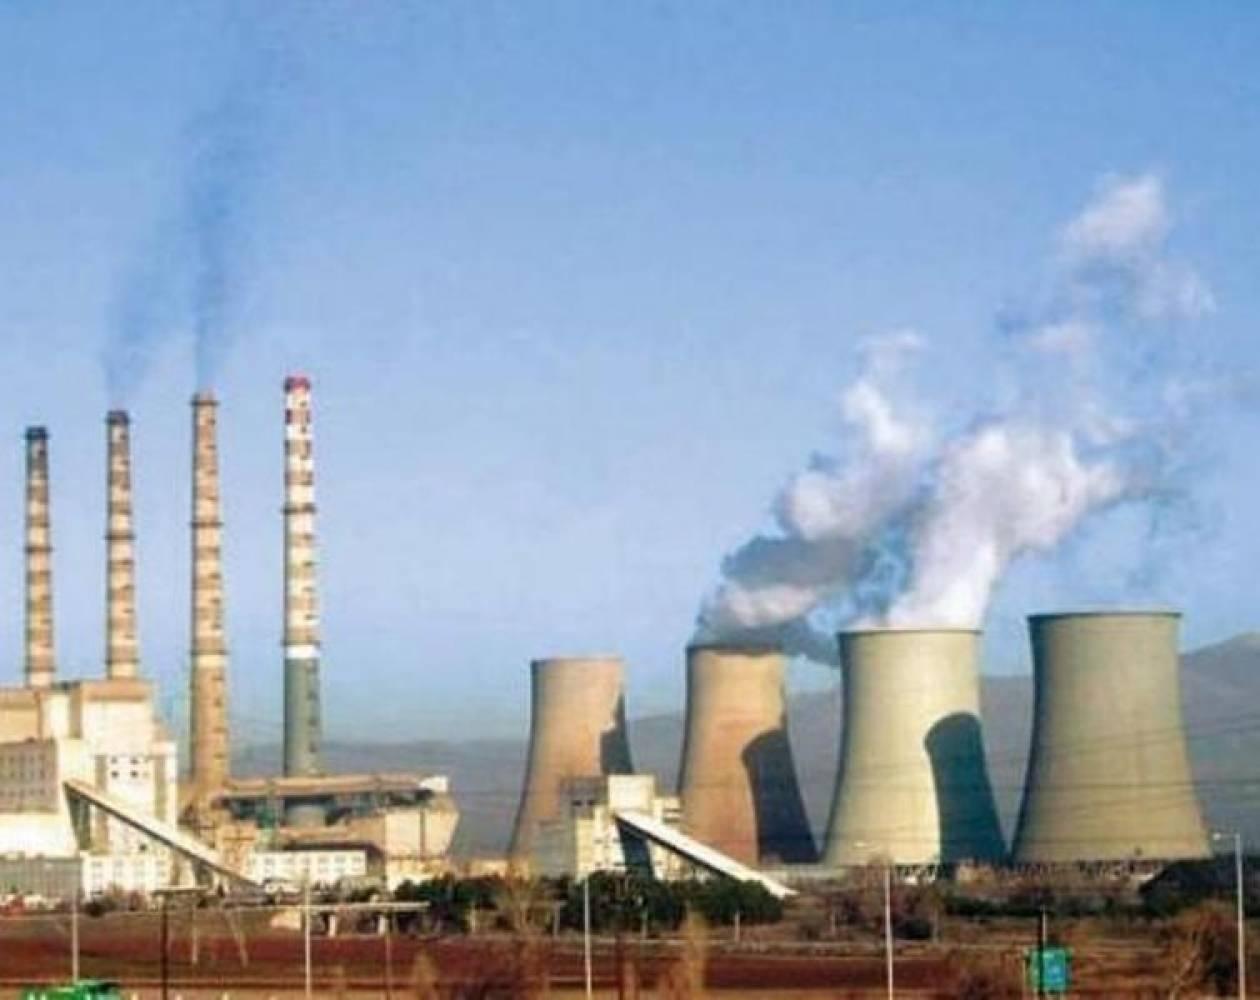 Καμπανάκι κινδύνου για την αυξημένη κατανάλωση ηλεκτρικού ρεύματος